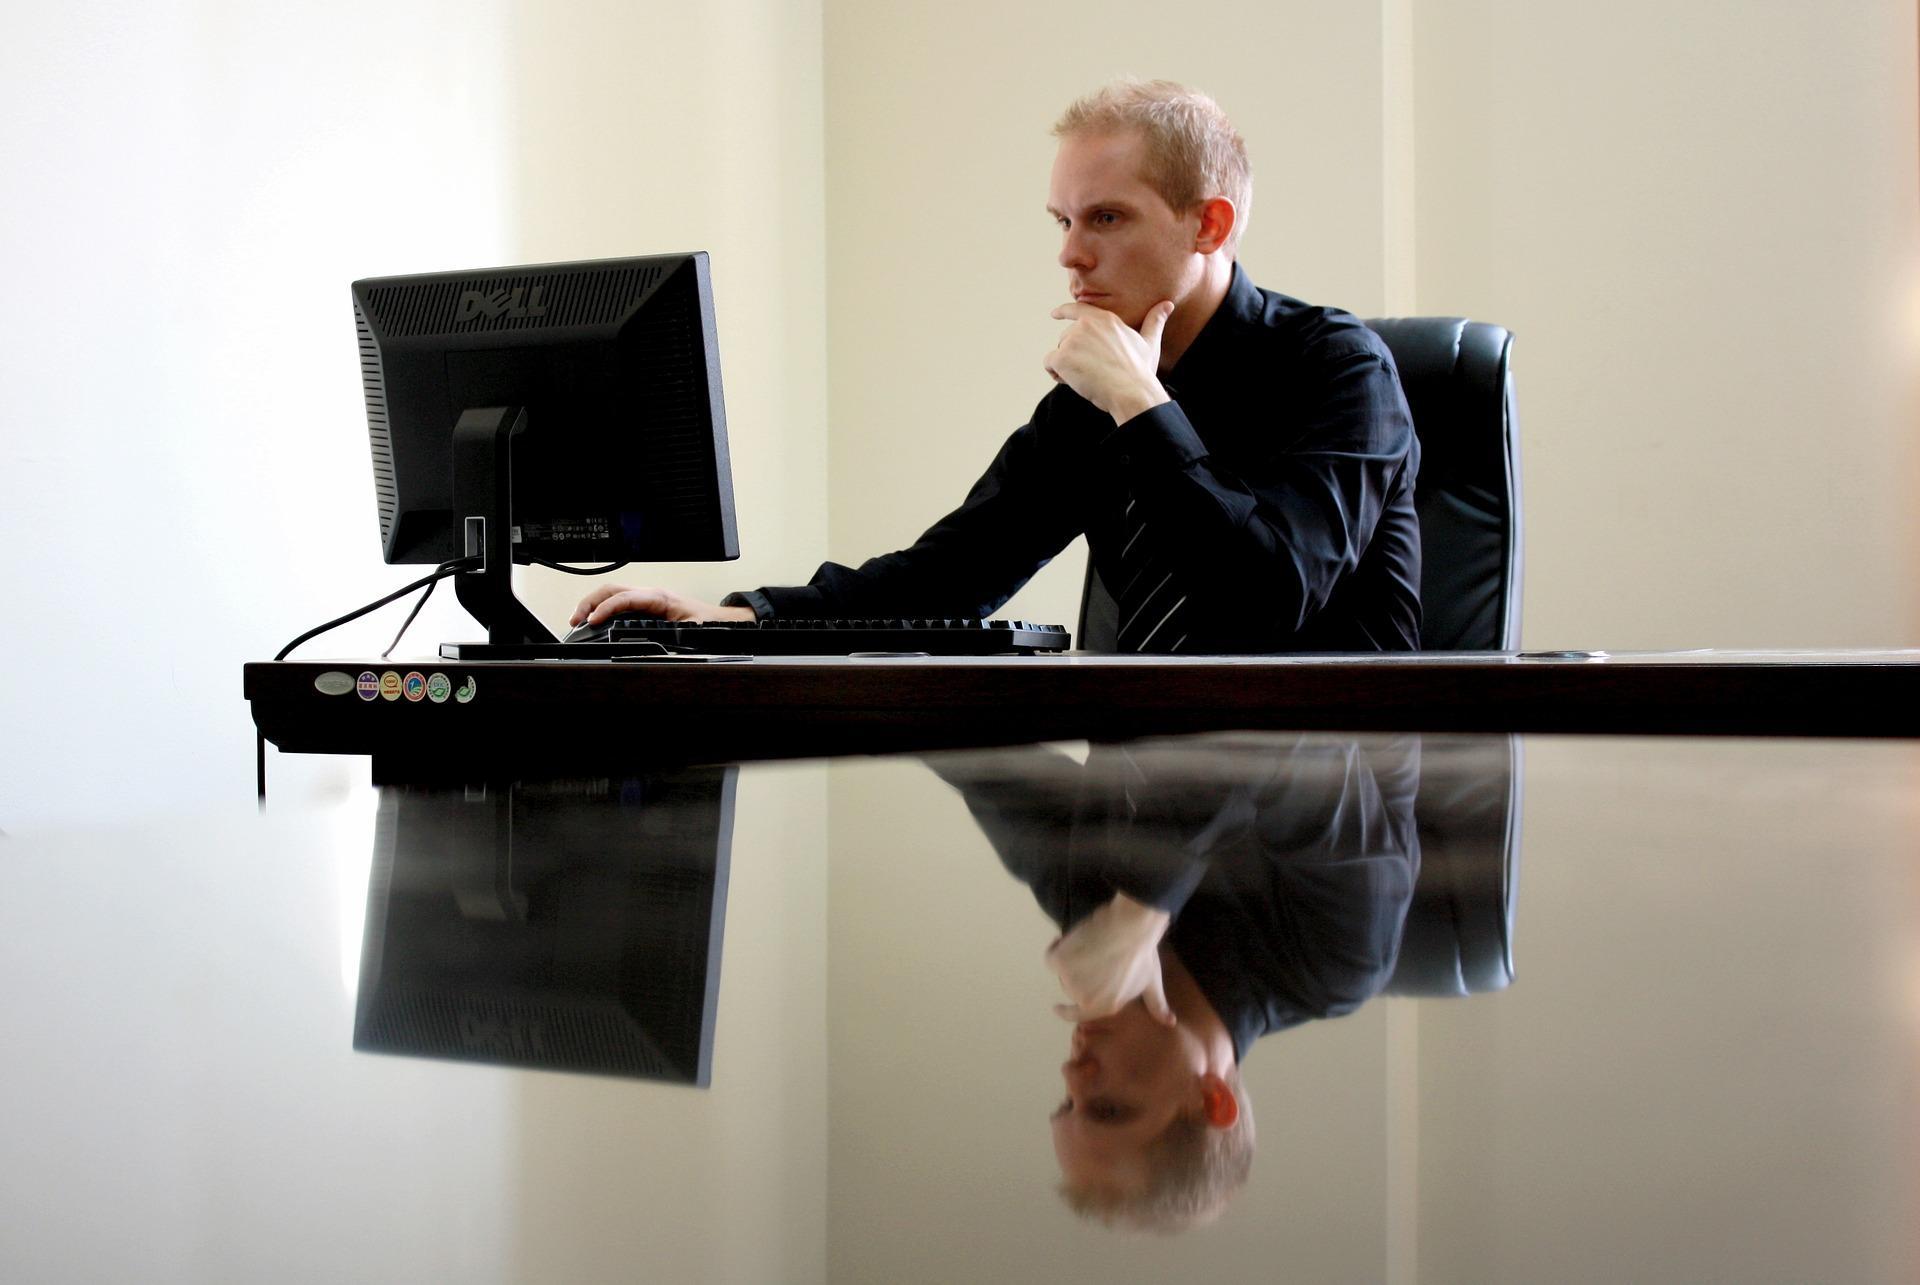 Как выбрать идеальный монитор: 4 момента накоторые нужно обратить внимание